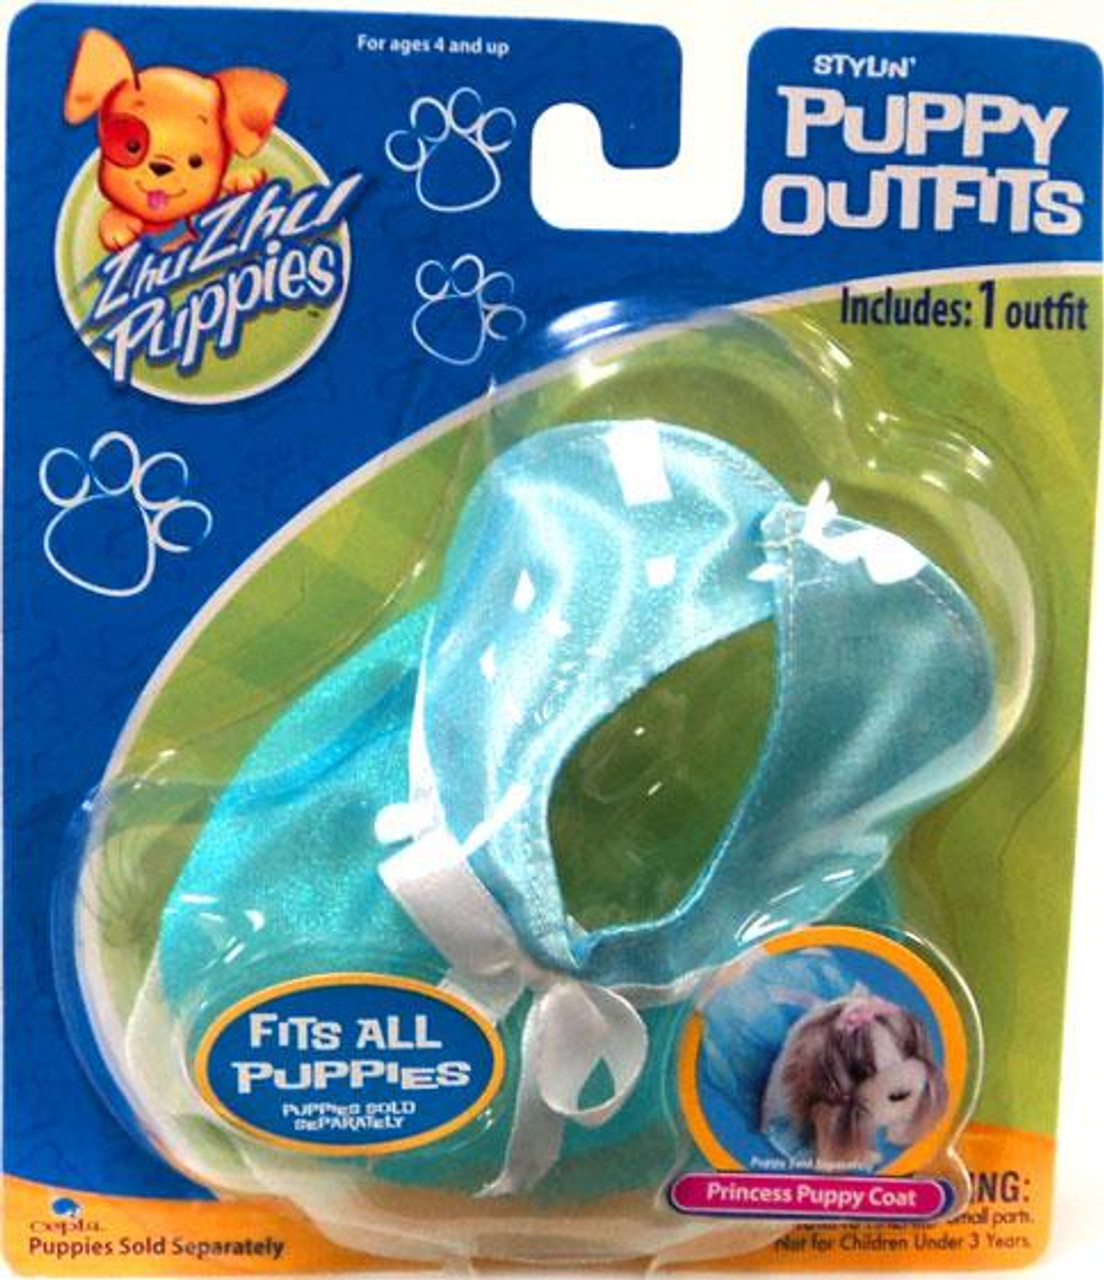 Zhu Zhu Pets Zhu Zhu Puppies Puppy Outfits Princess Puppy Coat Accessory Set